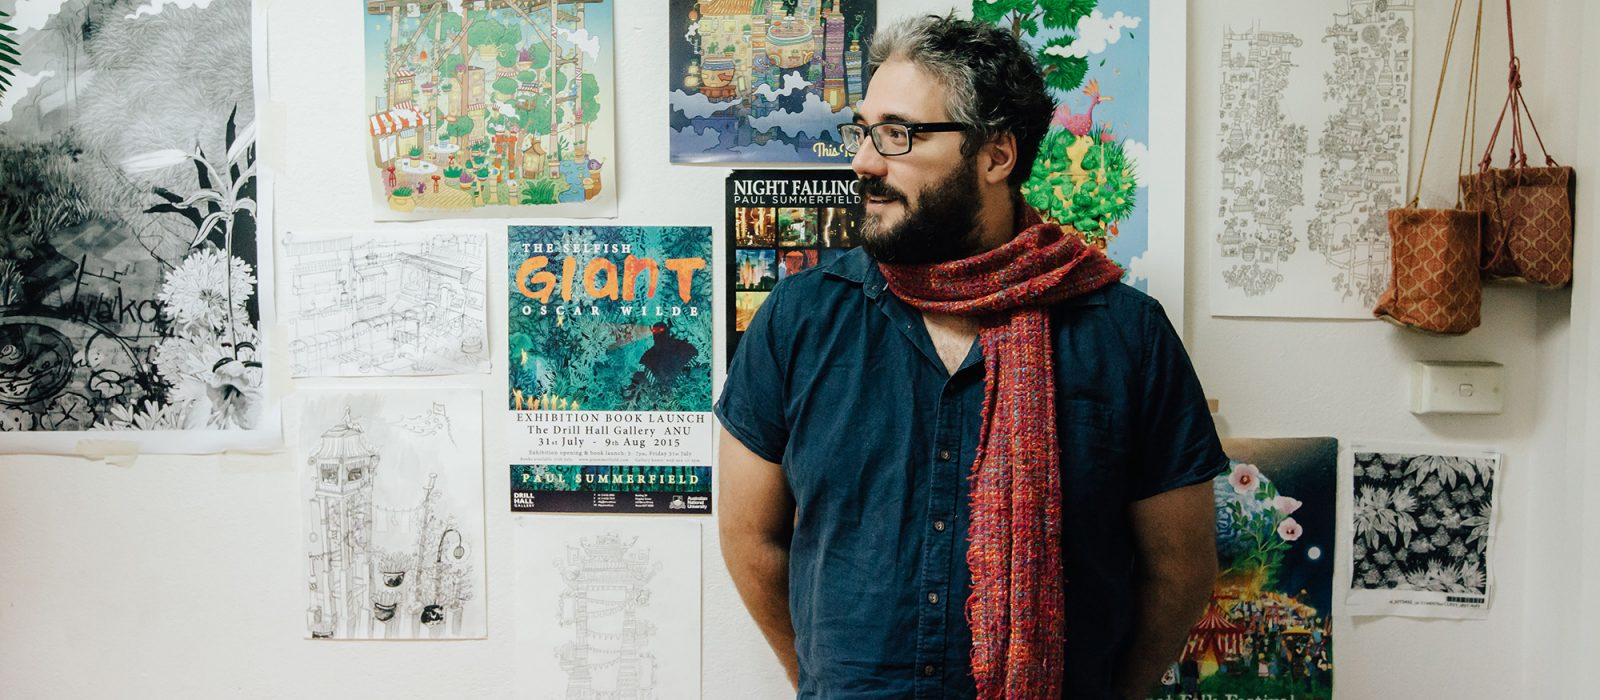 Paul Summerfield in his studio. Photo: Andrew Sikorski